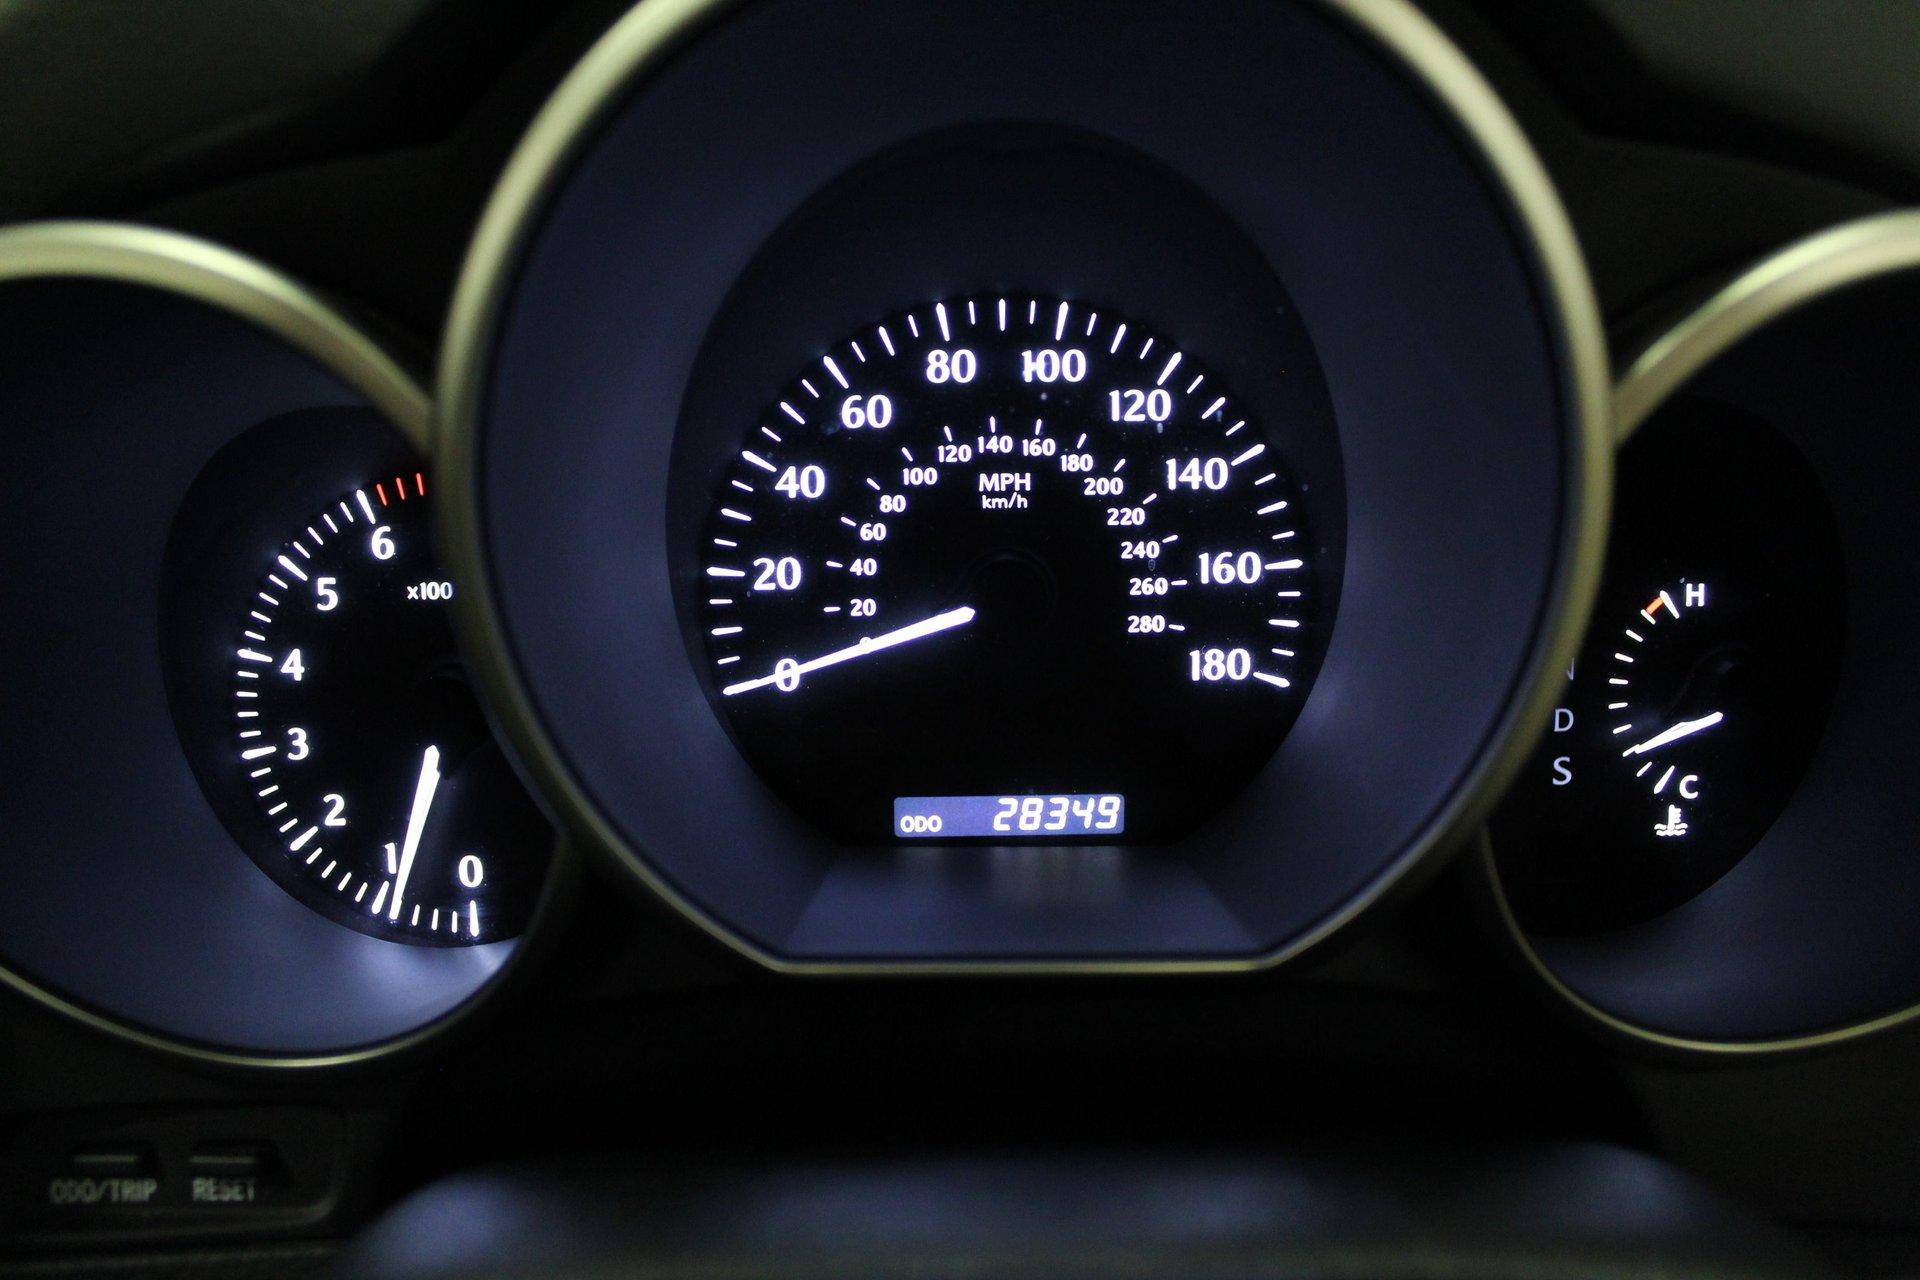 2006 Lexus SC 430